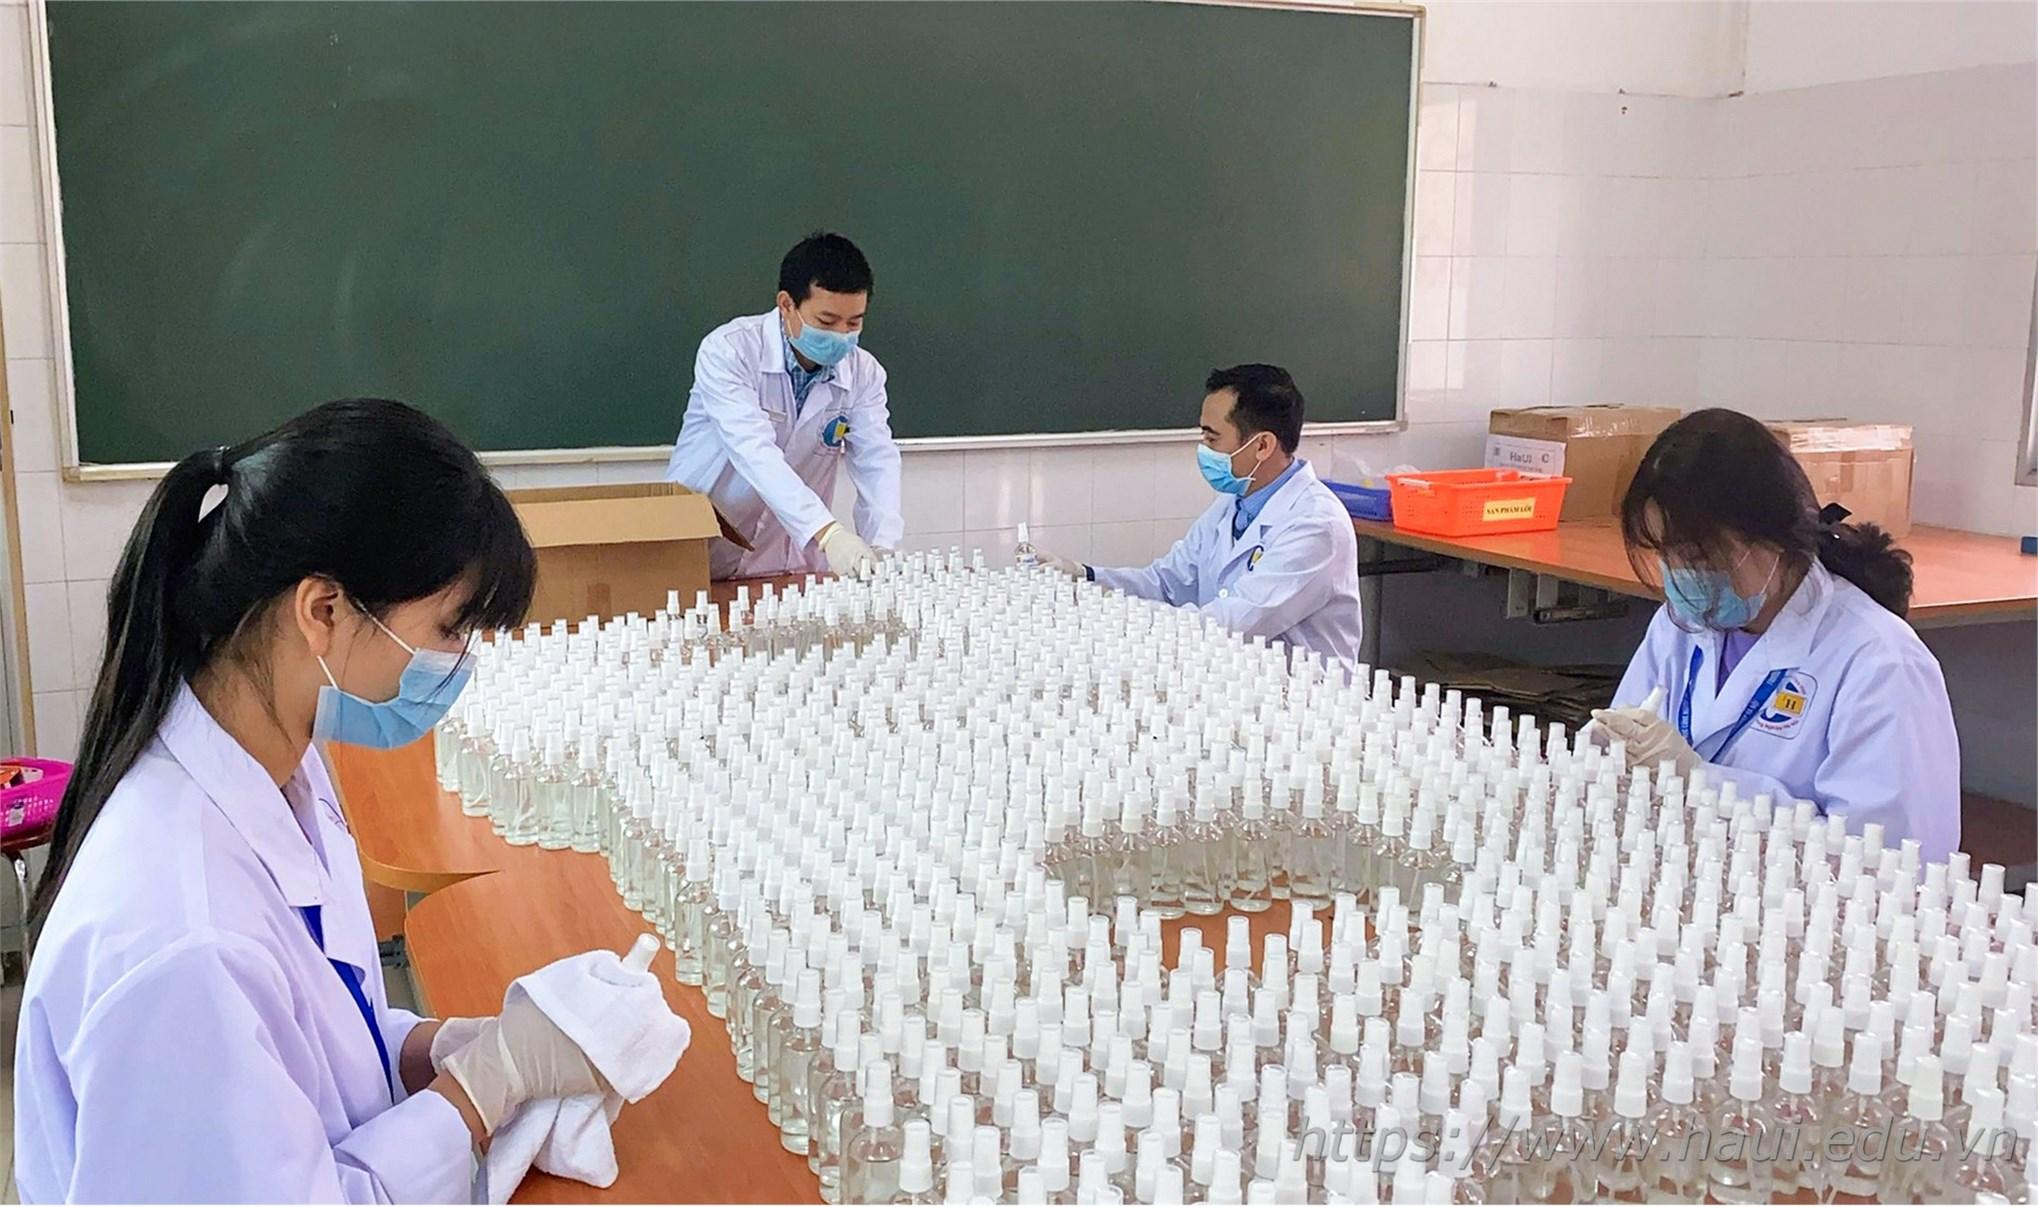 Đại học Công nghiệp Hà Nội sản xuất nước sát khuẩn